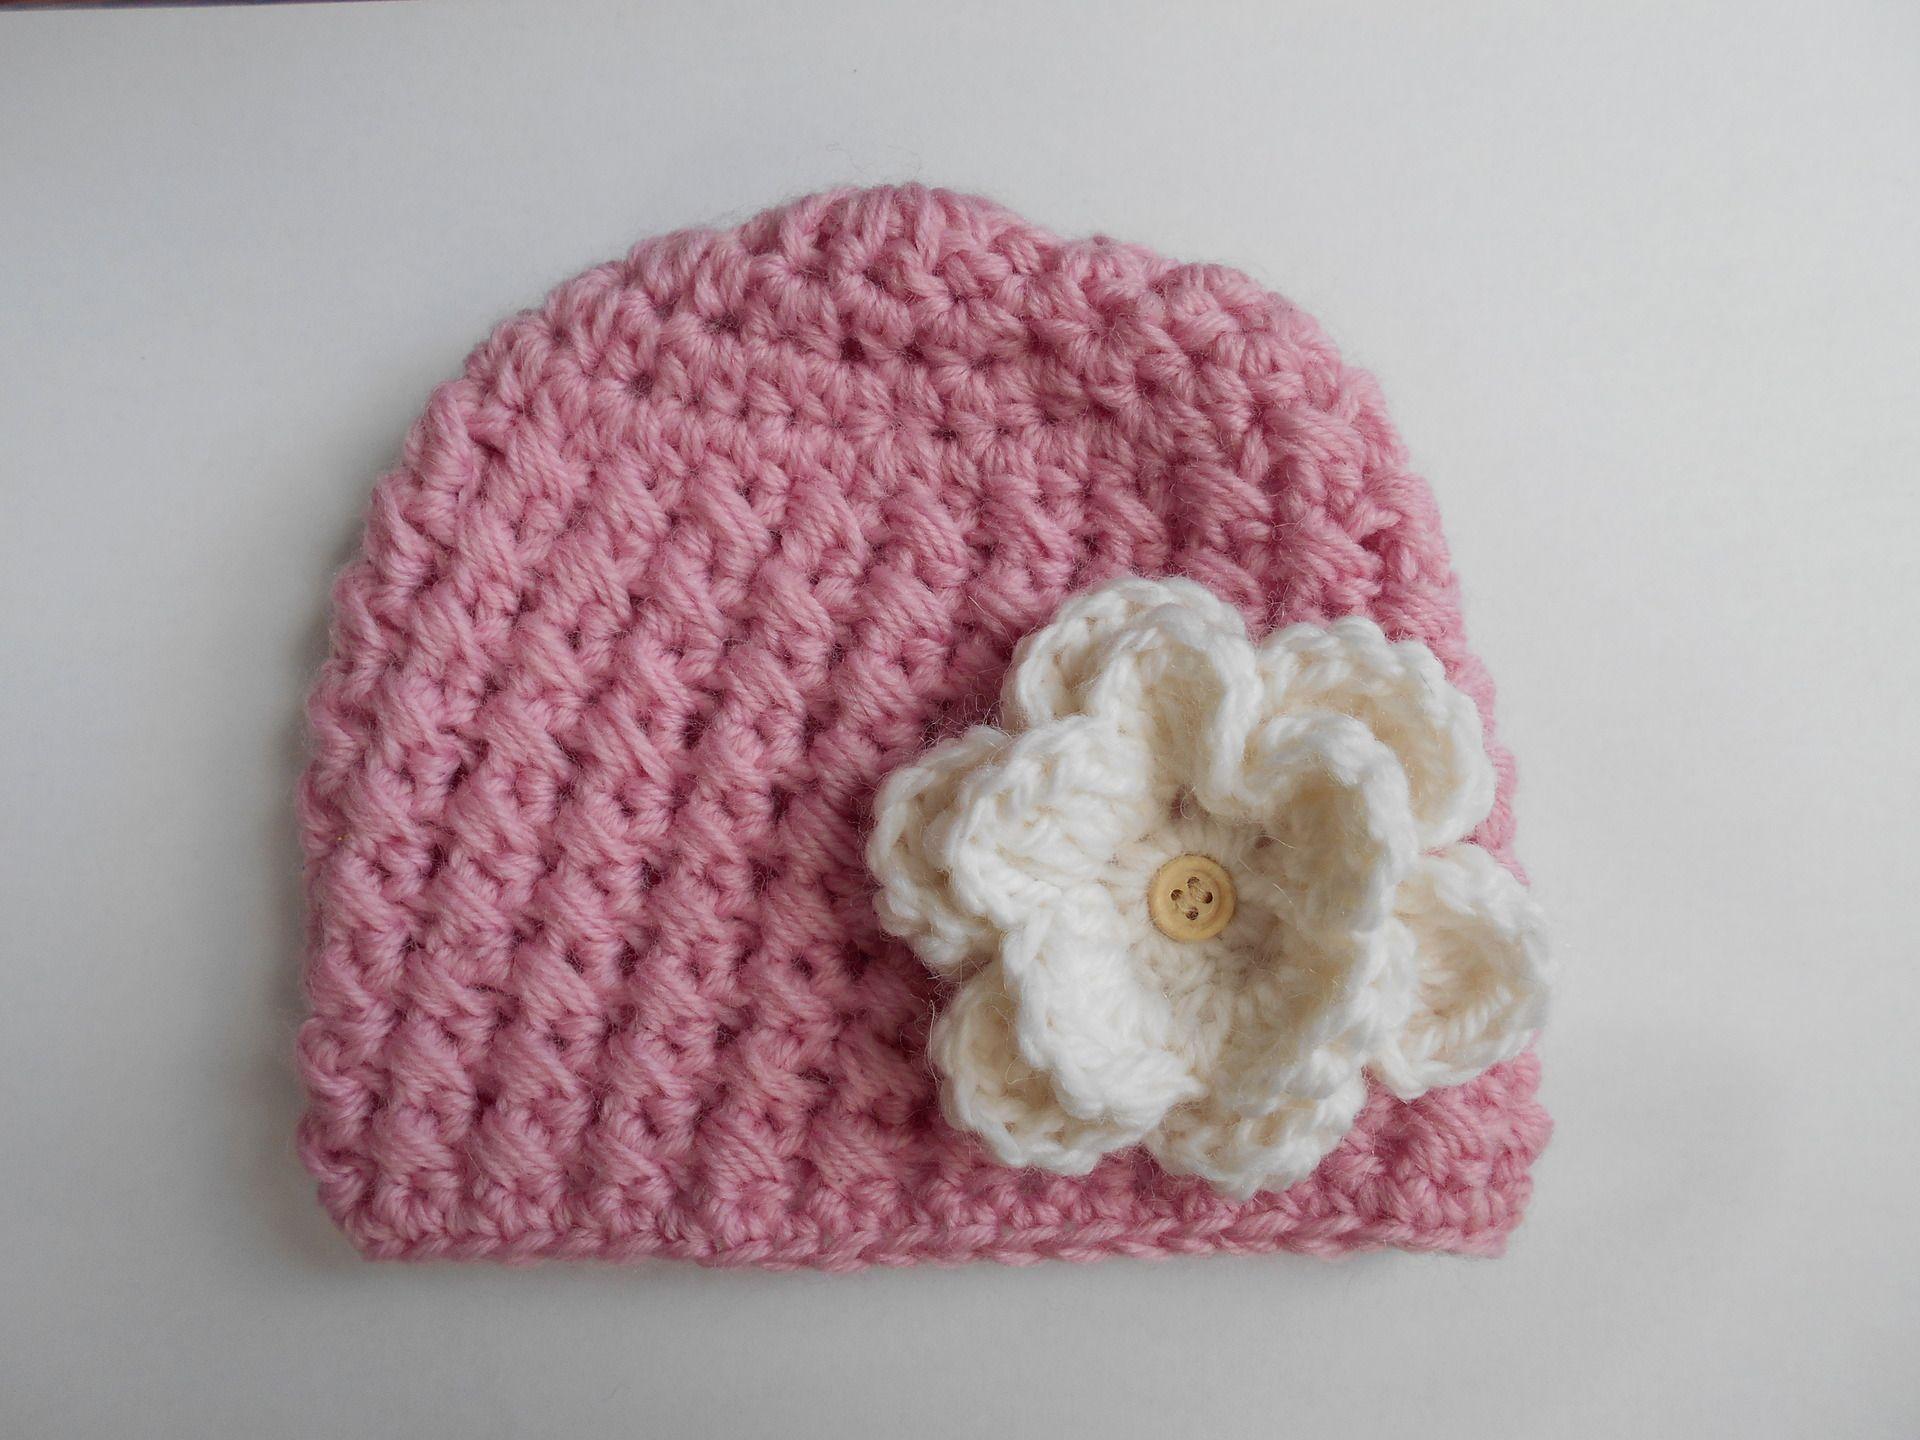 5bebb733262e7 bonnet bebe fille 100% laine vierge rose et blanc casse' fait main au  crochet